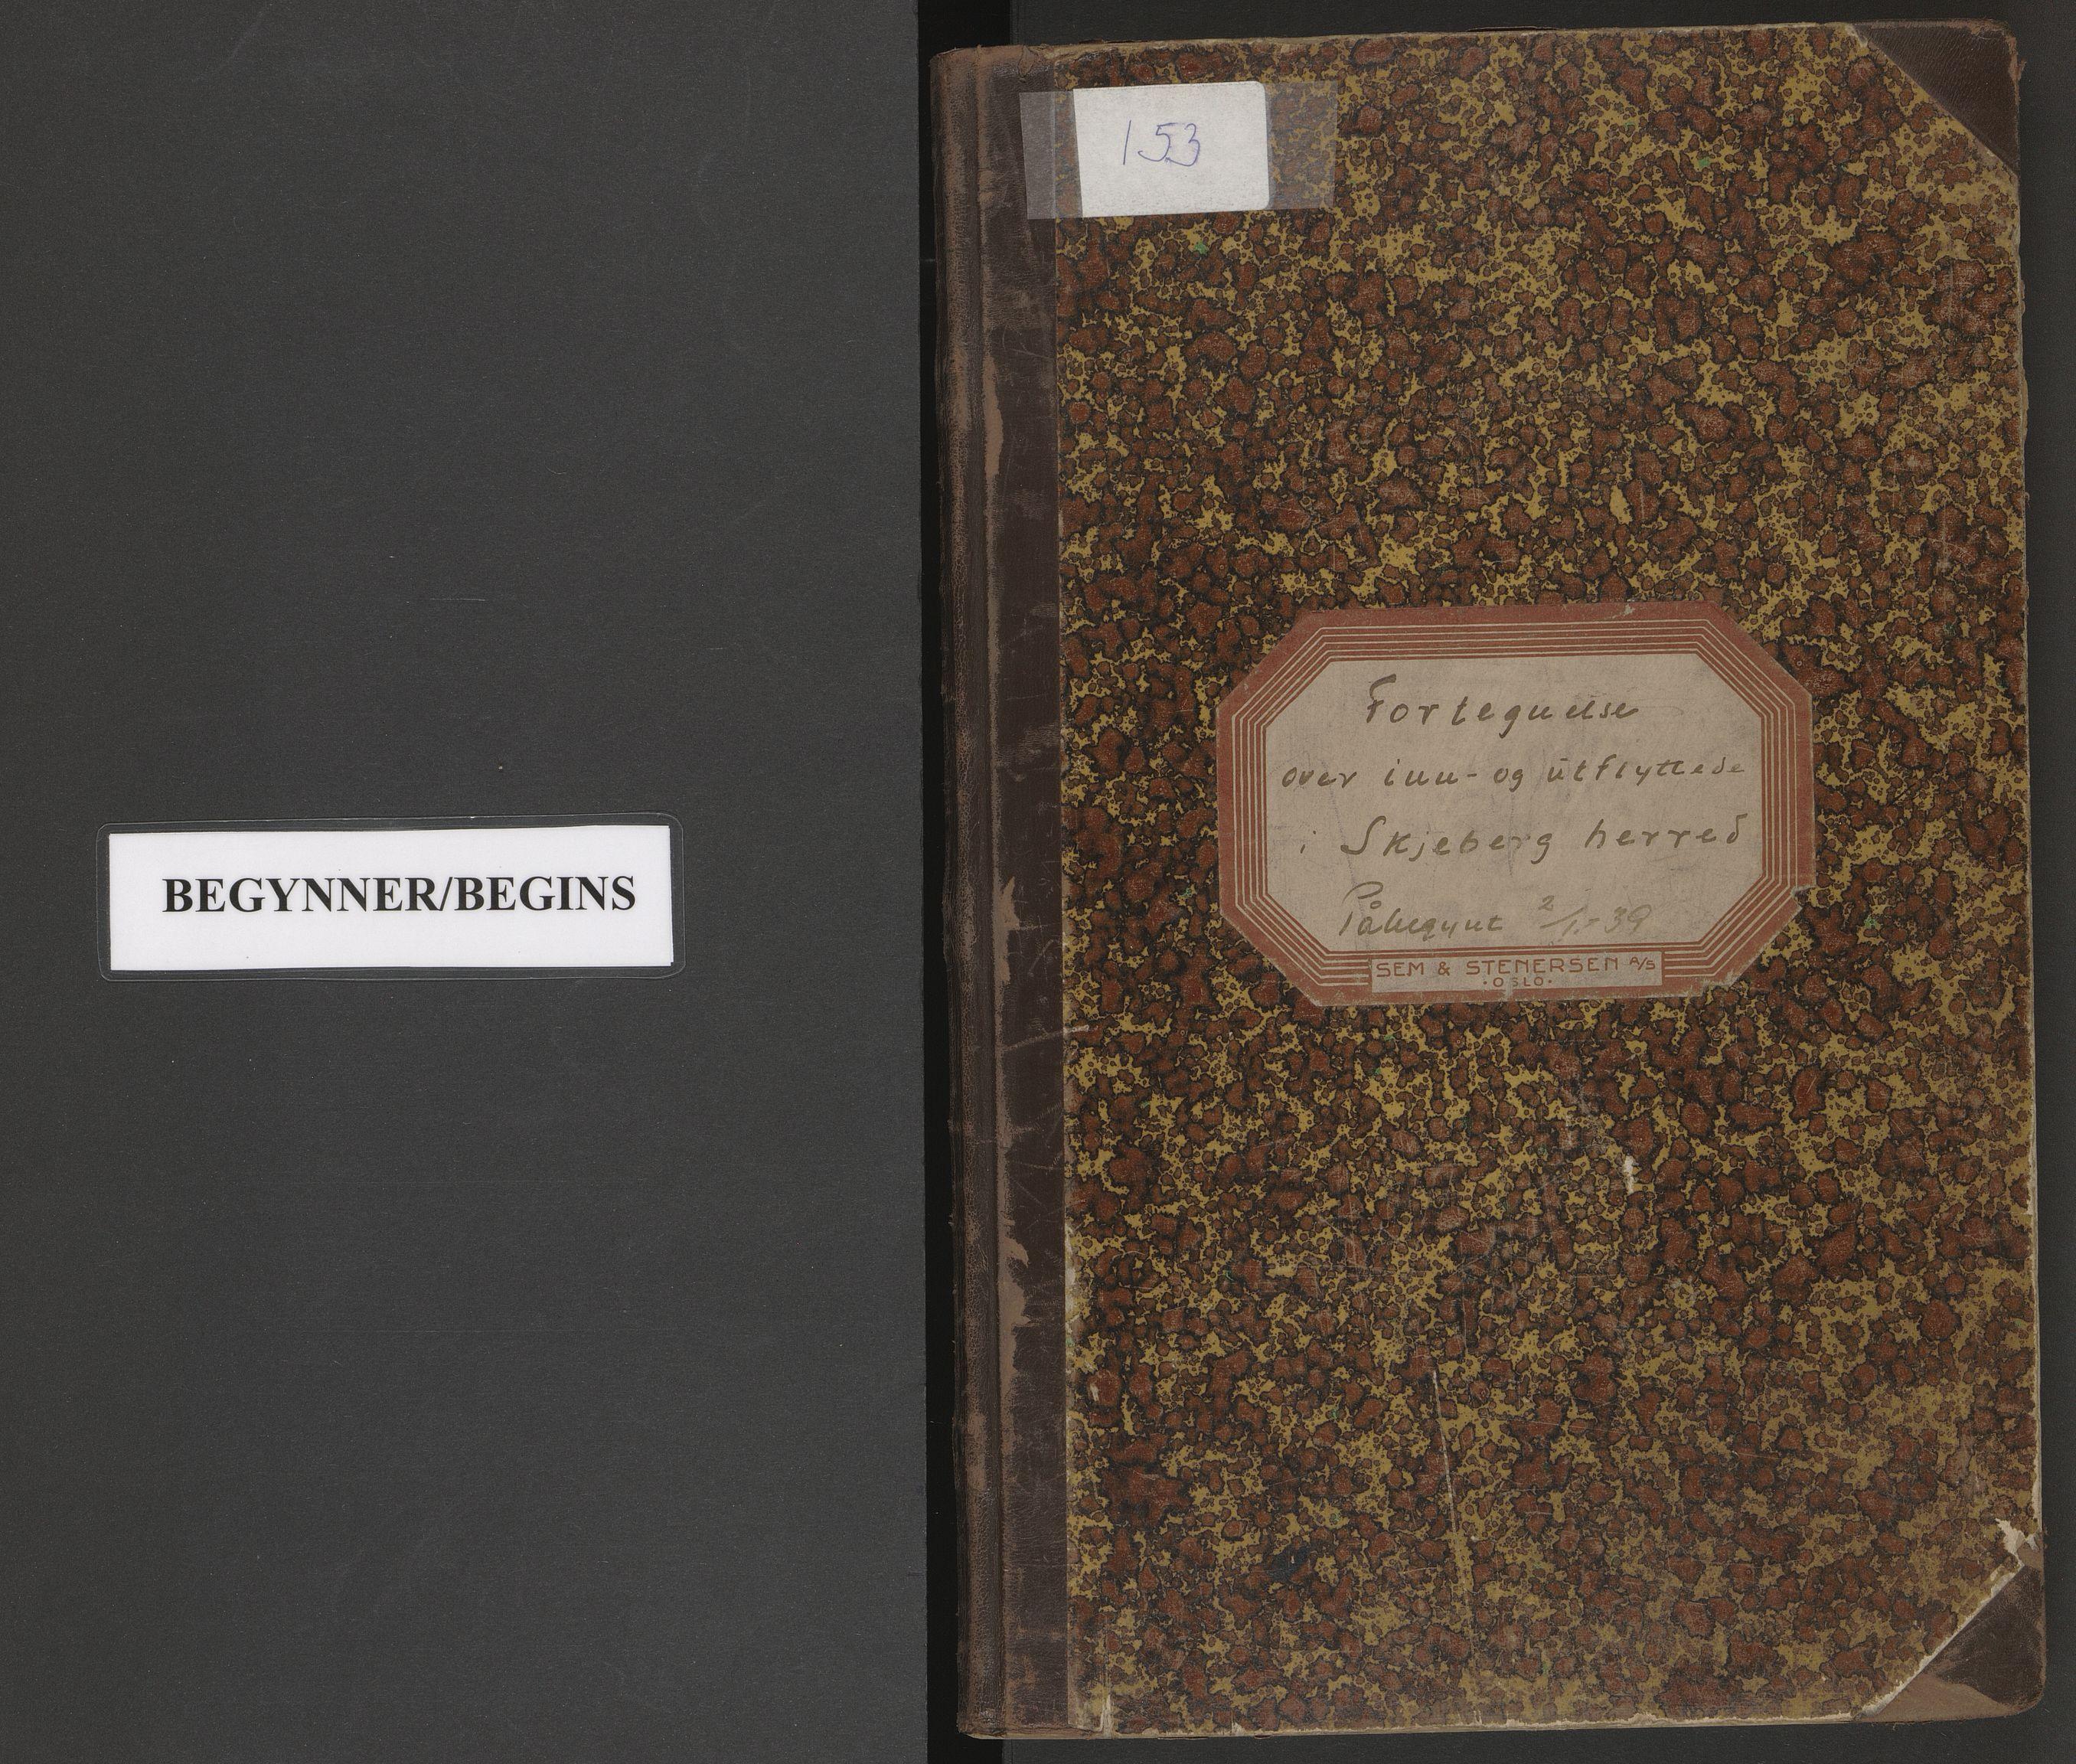 SAO, Skjeberg folkeregister, K/Ka/L0001: Fortegnelse over inn- og utflyttede, 1939-1941